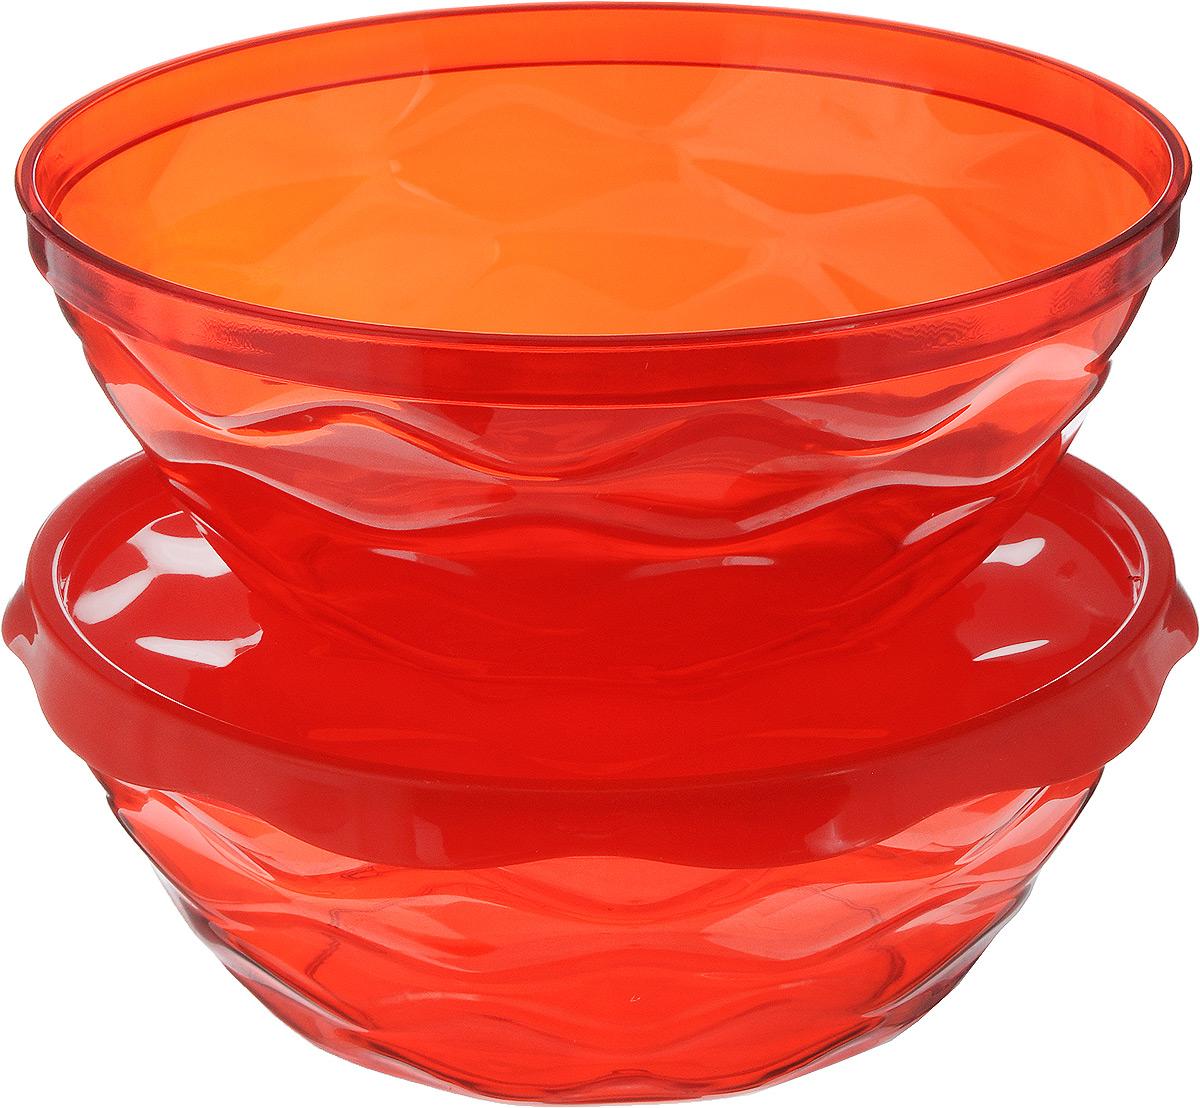 Набор салатников Giaretti Riva, цвет: красный, 2,5 л, 3 предметаGR1838МИКСНабор салатников Giaretti Riva состоит из двух салатников, выполненных из прозрачного полистирола. Салатники прекрасно подходят как для приготовления, так и для подачи различных блюд на стол. Стильный дизайн и яркие цвета создадут творческую атмосферу на вашей кухне. В комплект входит удобная плотная крышка, которая сохранит свежесть приготовленных блюд. Можно мыть в посудомоечной машине.